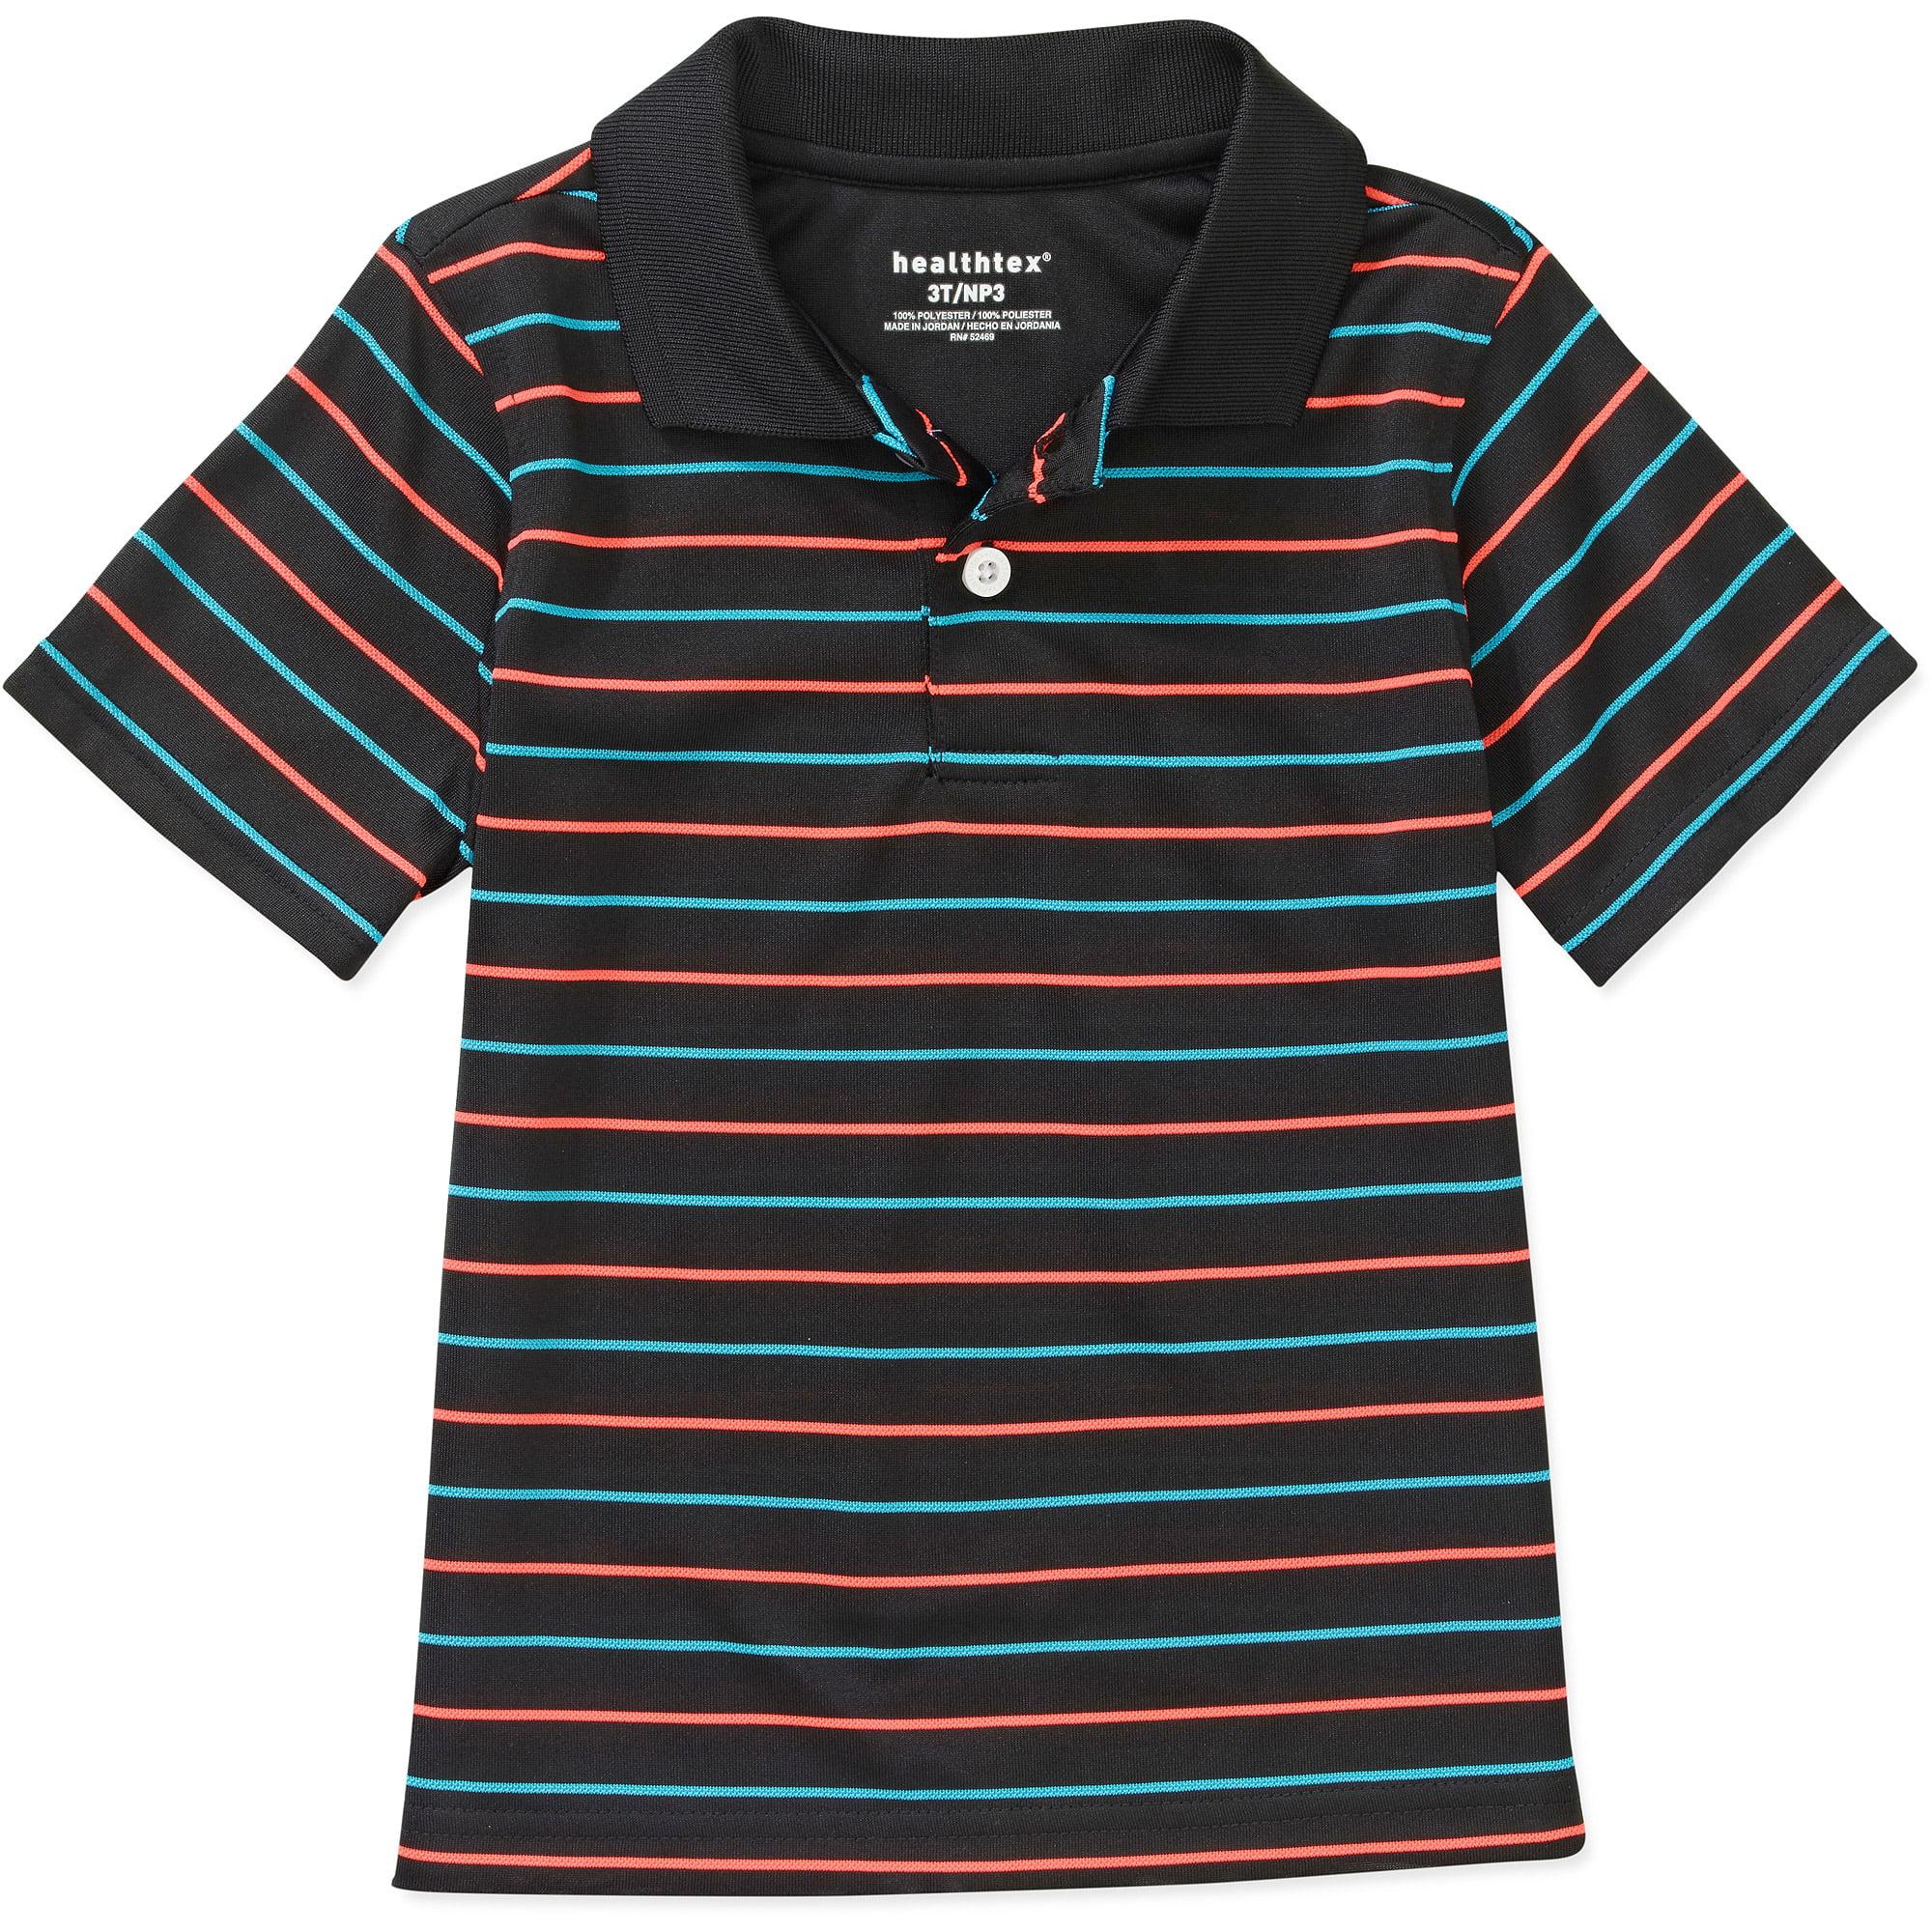 Healthtex Baby Toddler Boy Golf Polo Shirt